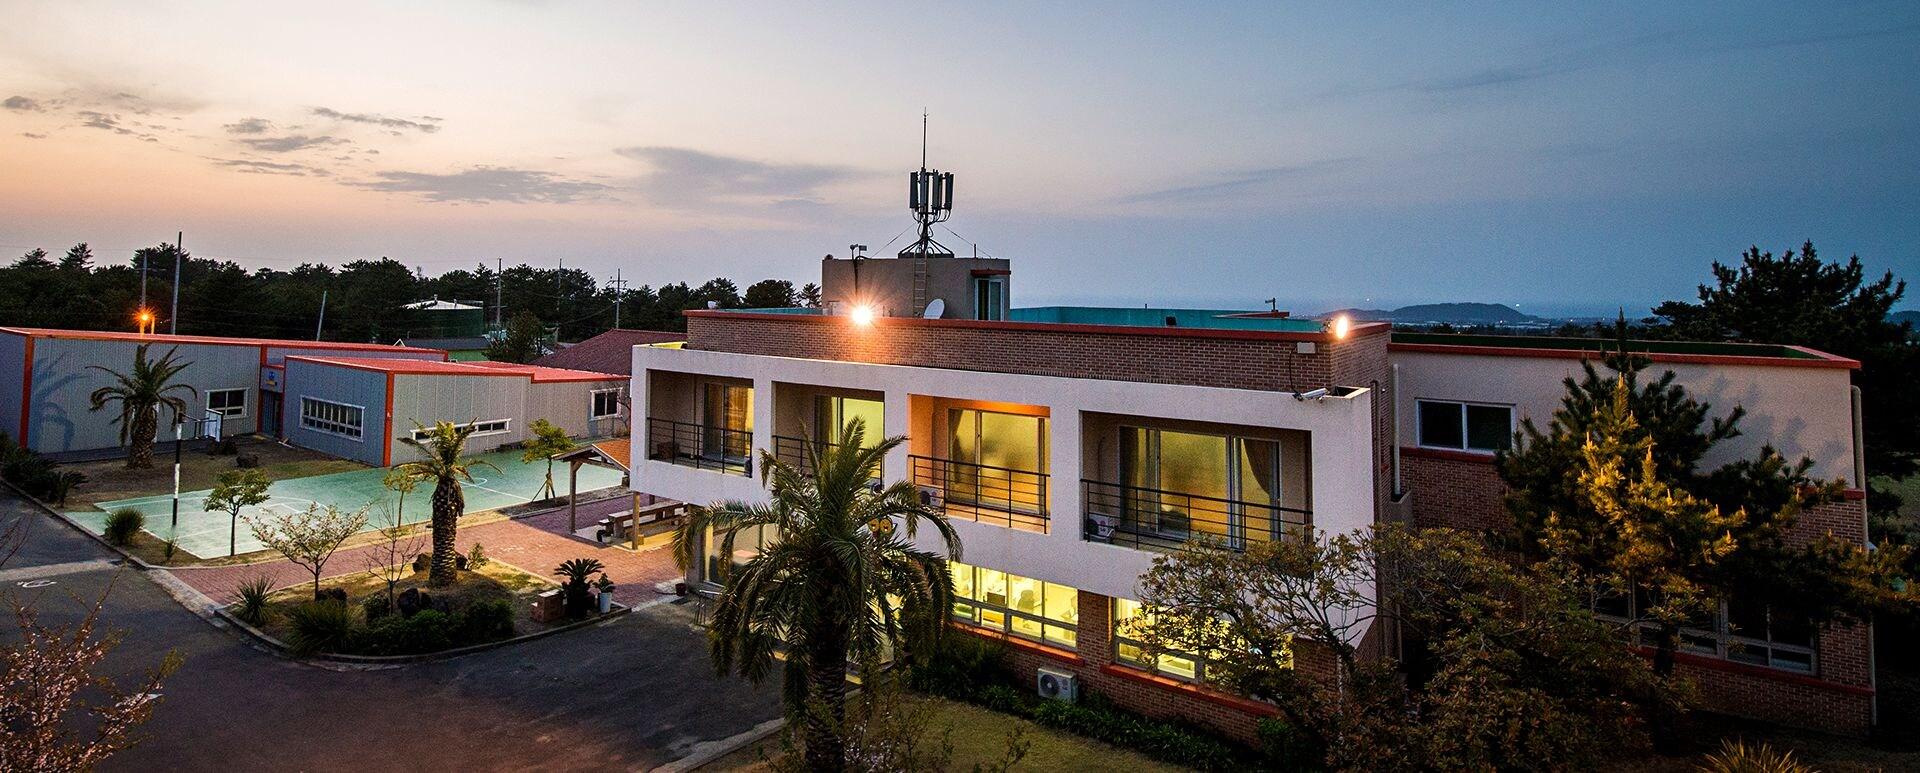 Jeju Youth Hostel, Jeju